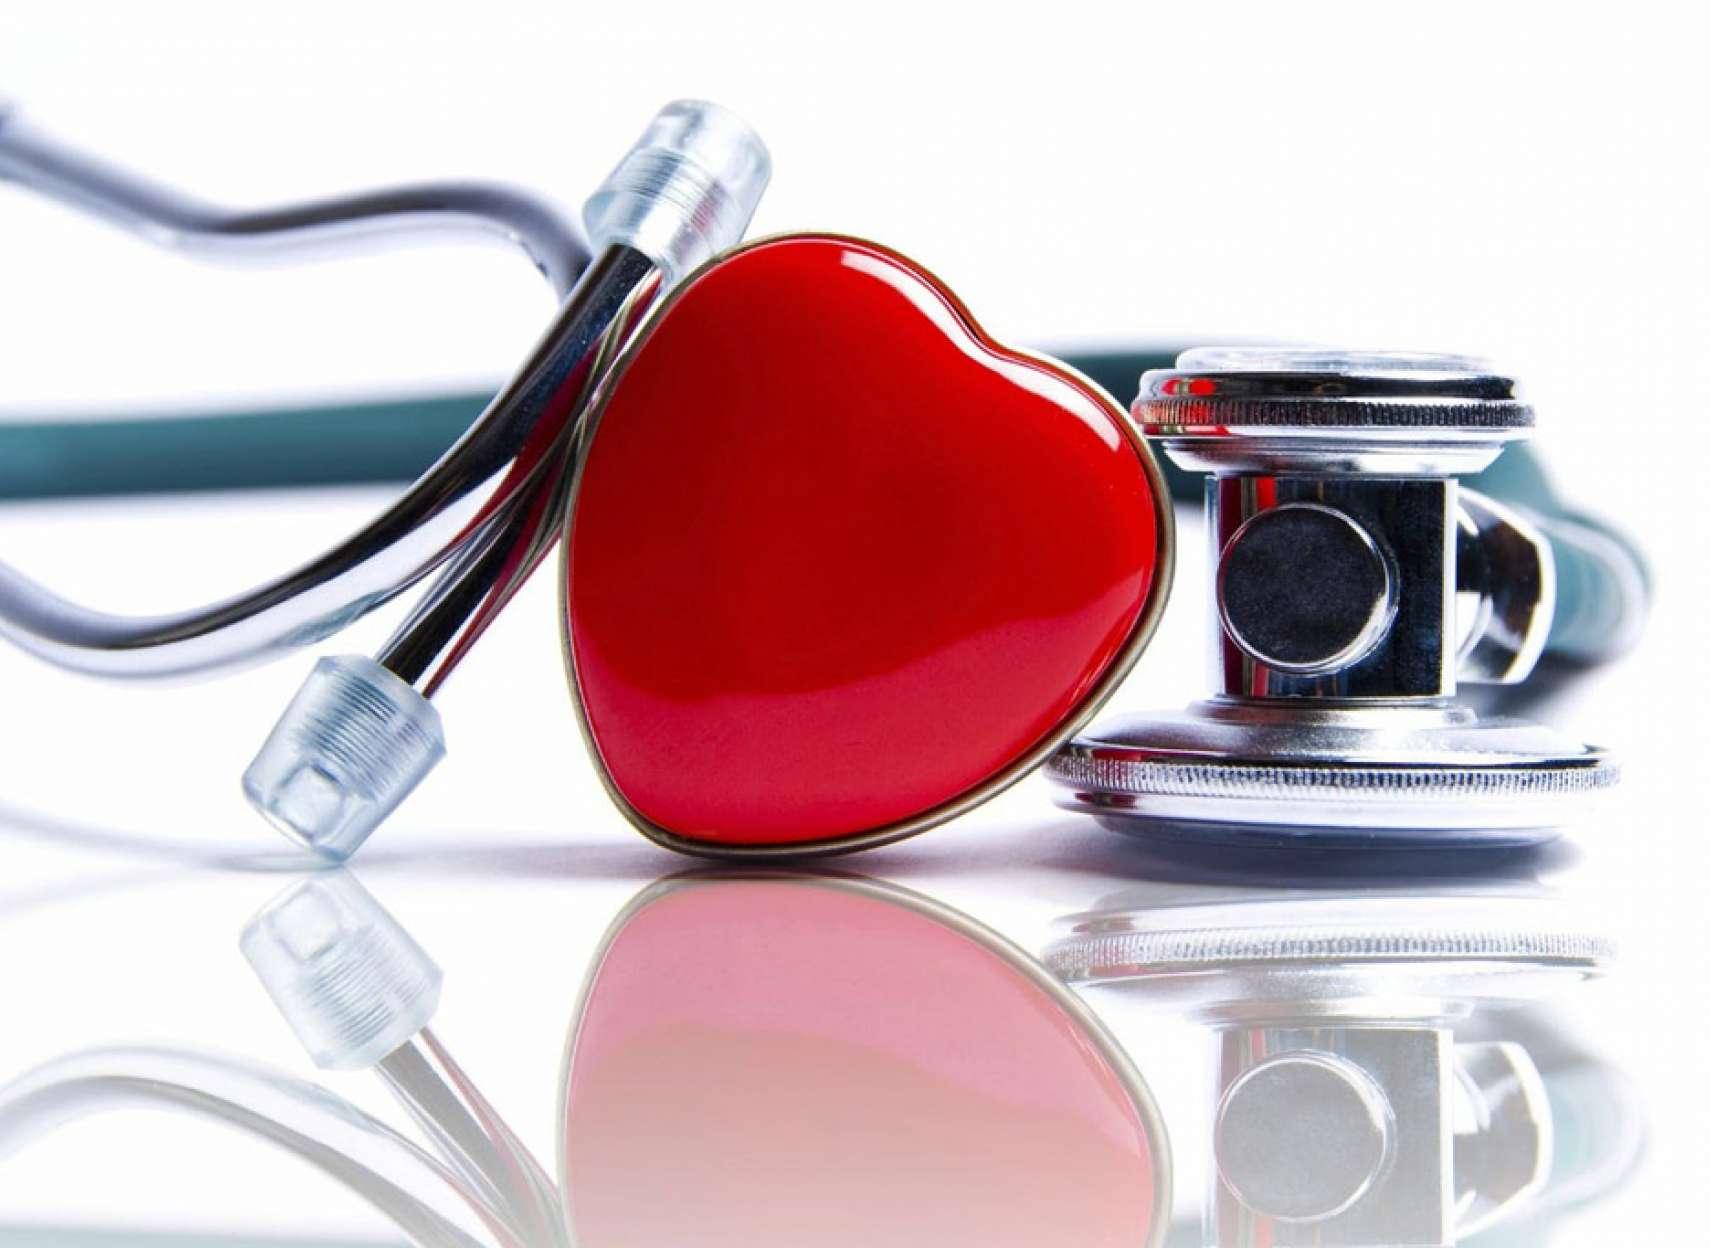 بیمه-رحیمیان-یکی-از-دلایل-اصلی-ناتوانی-و-فوت